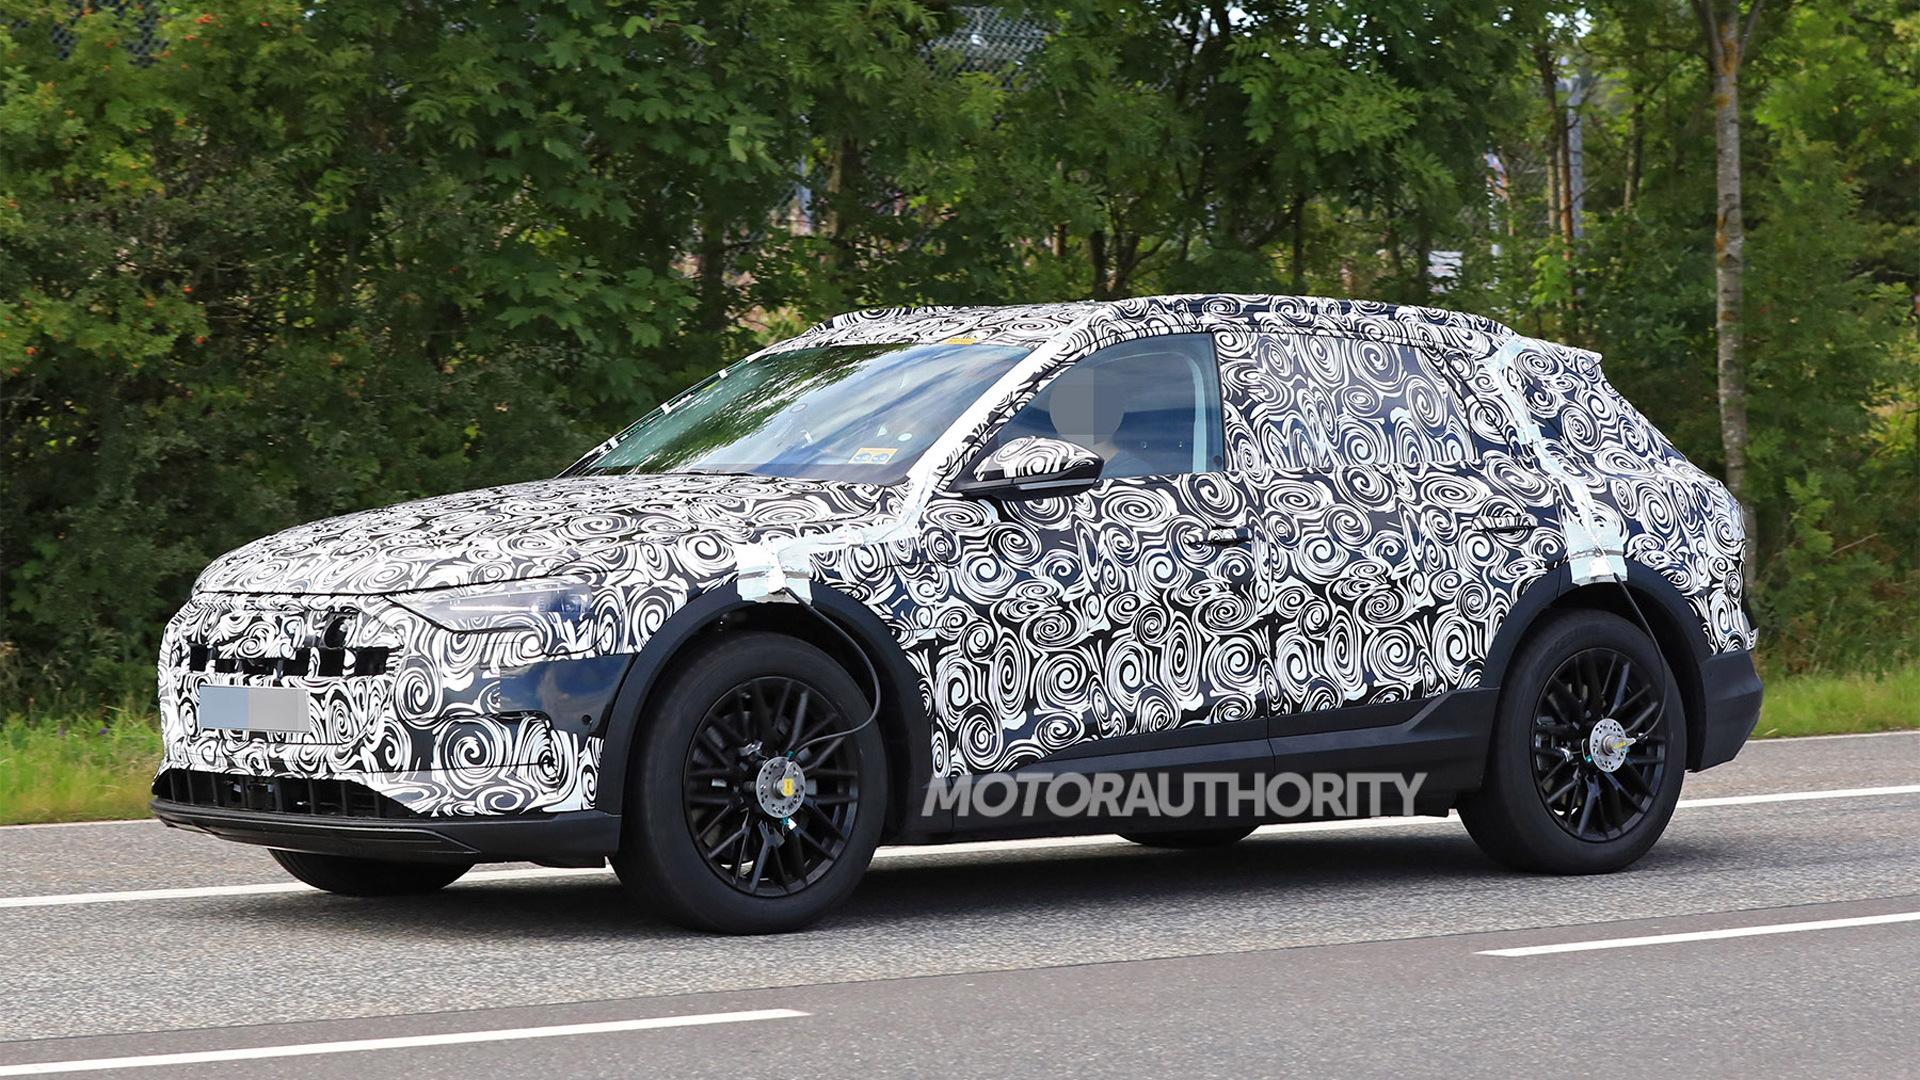 2019 Audi e-tron spy shots - Image via S. Baldauf/SB-Medien